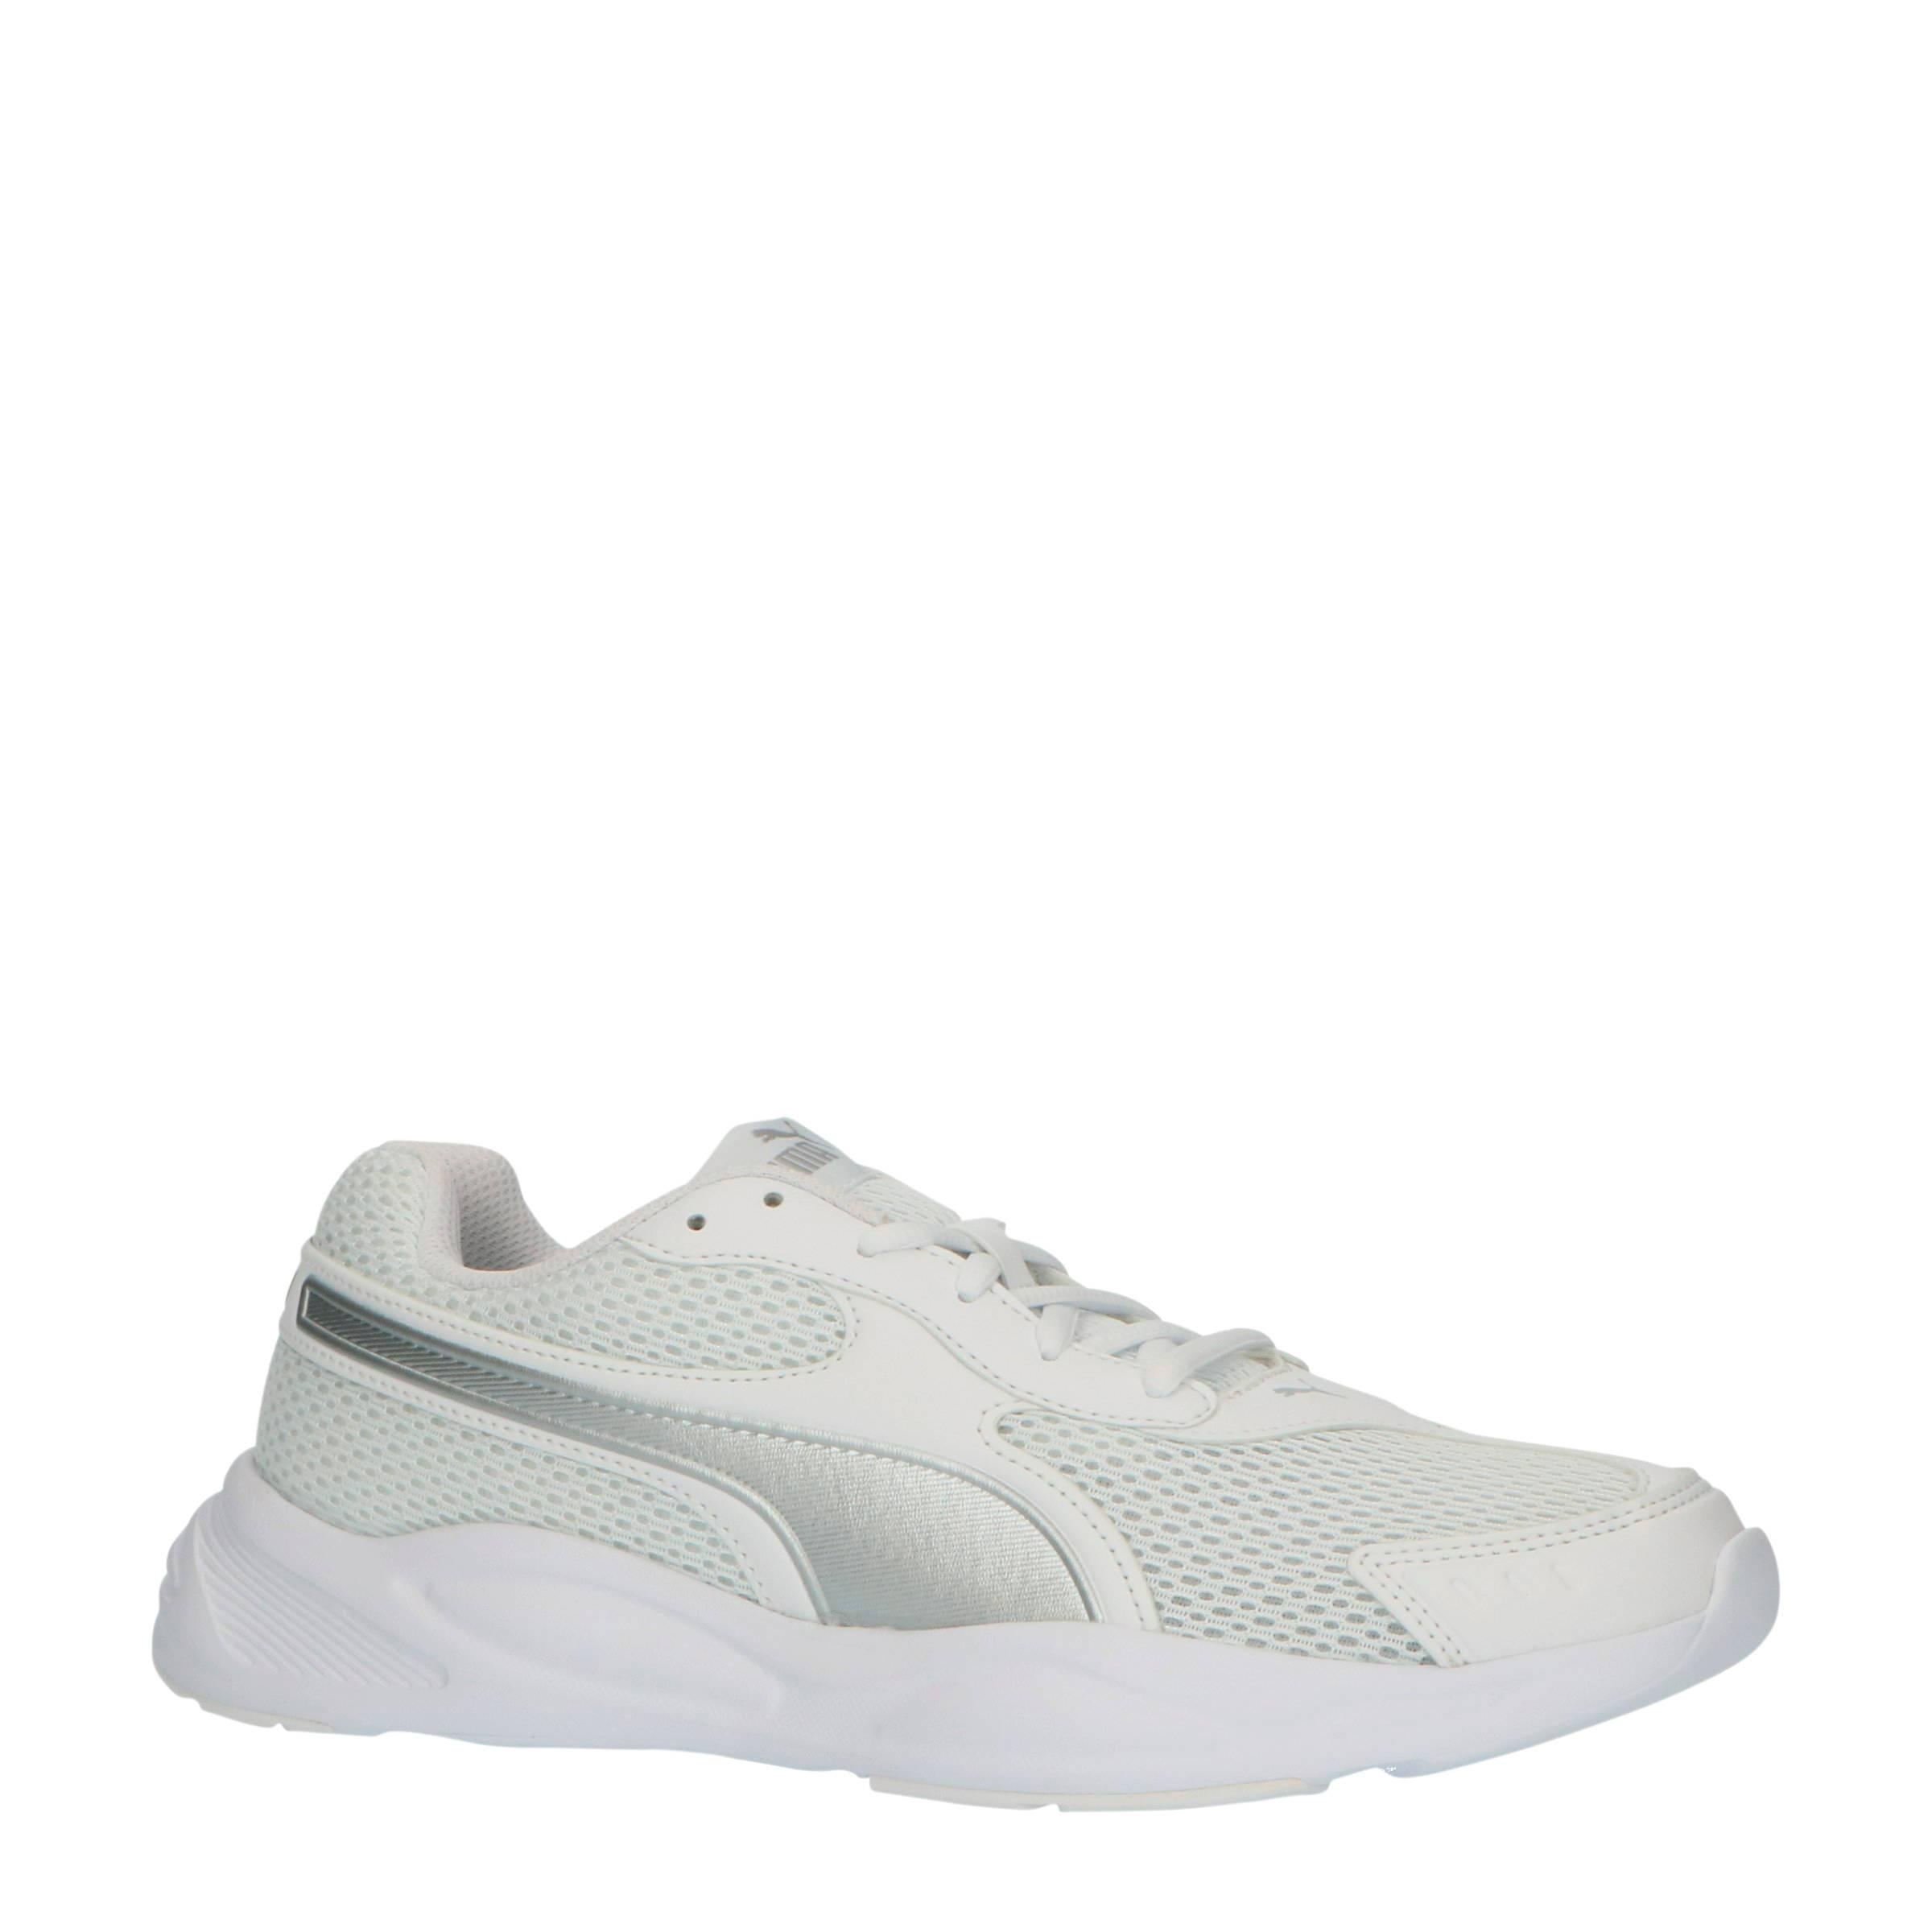 Puma 90s Runner sneakers wit/zilver | wehkamp